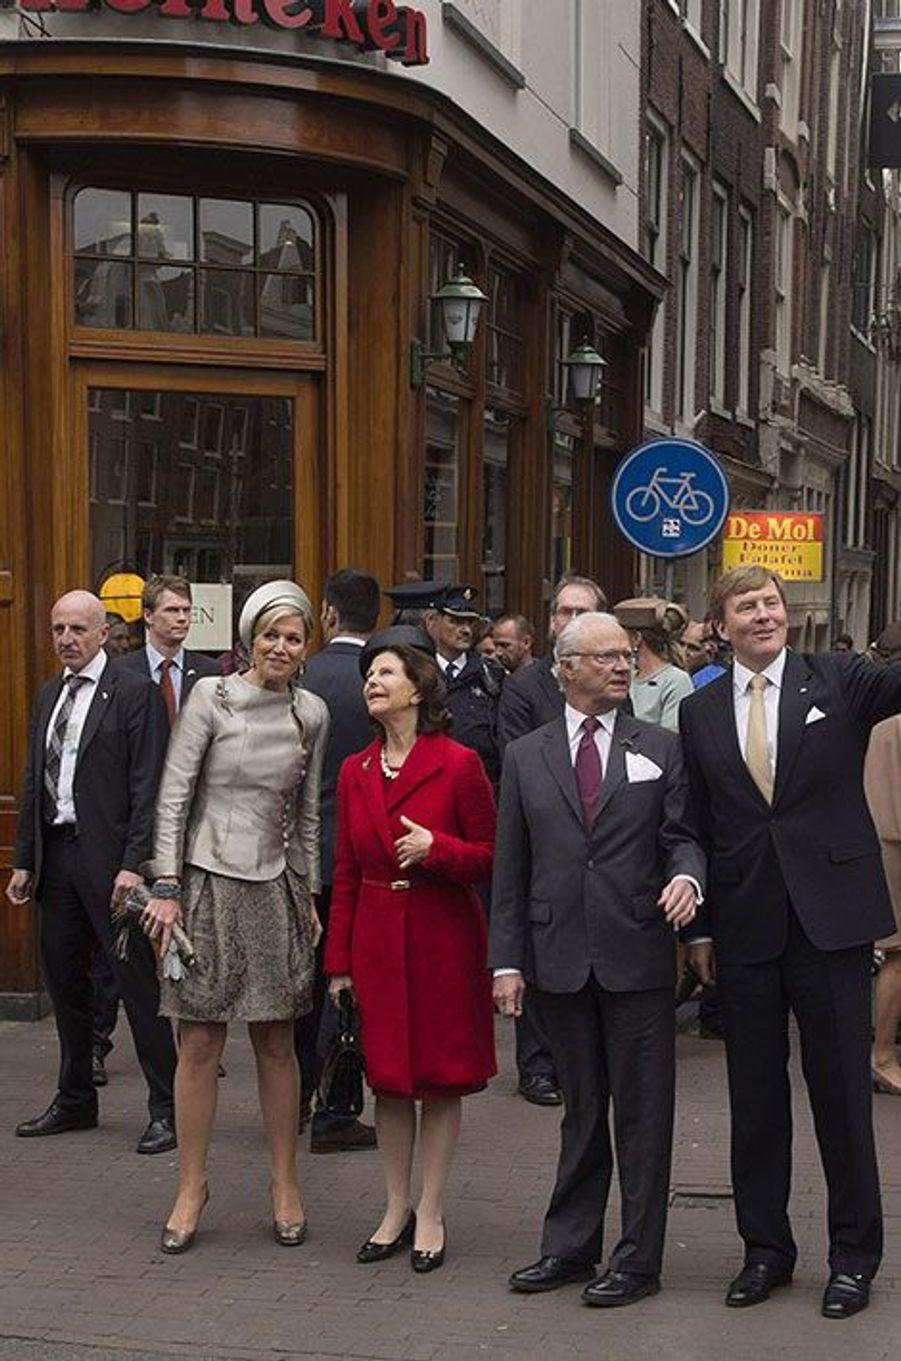 Silvia et Carl Gustaf, invités d'honneur de Maxima et Willem